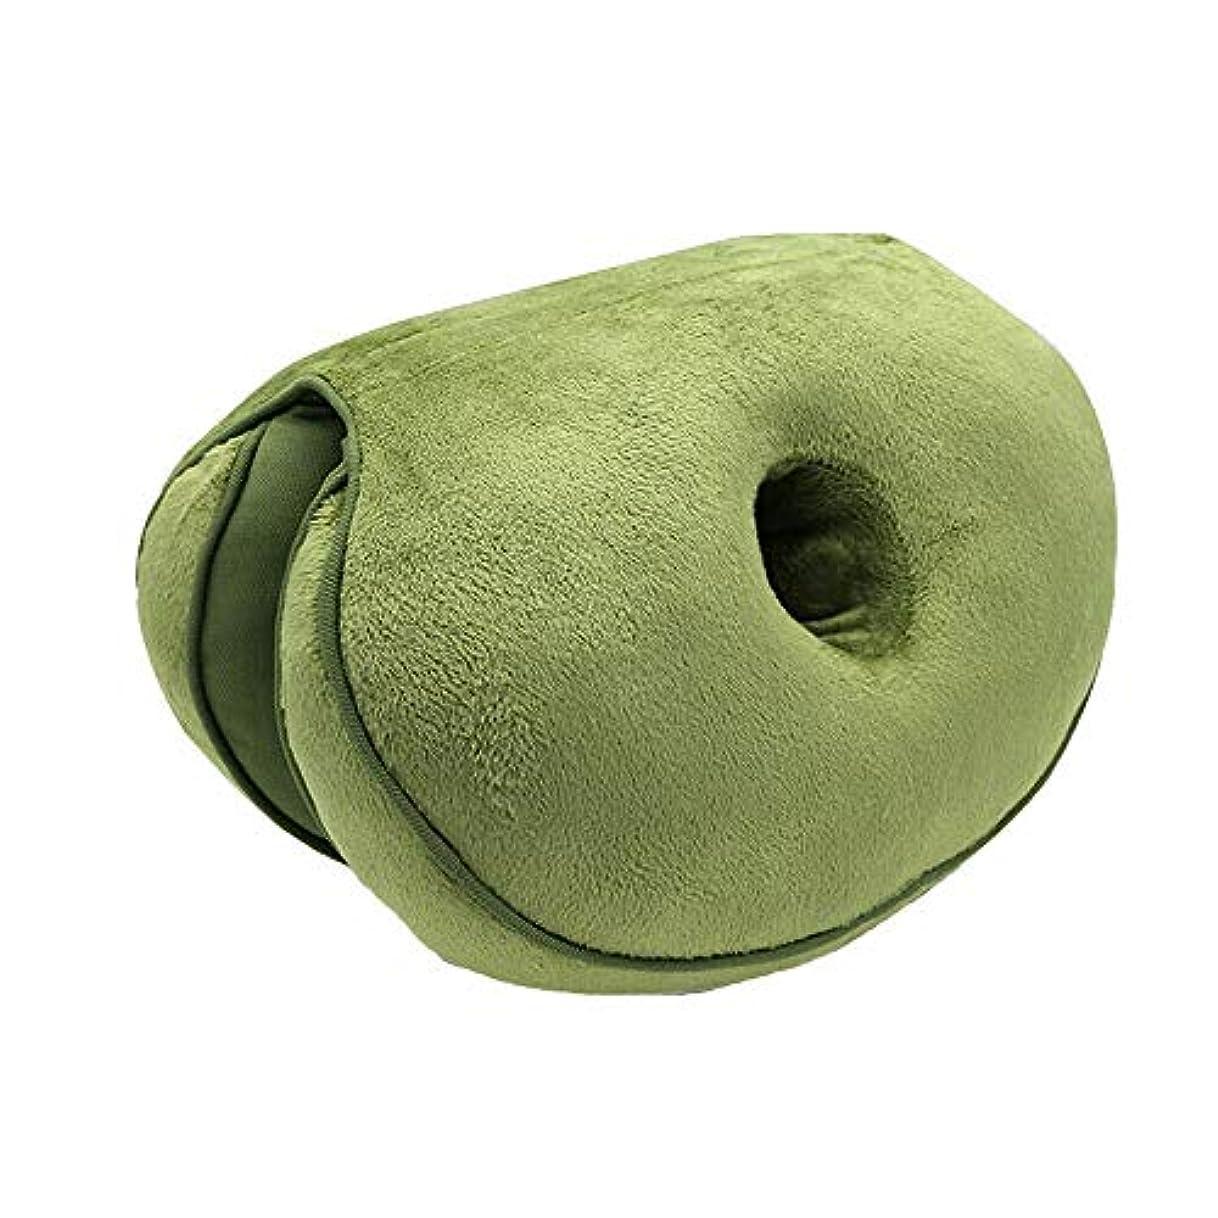 騒々しい流行している満了LIFE 新デュアルシートクッション低反発ラテックスオフィスチェアバックシートクッション快適な臀部マットパッド枕旅行枕女性女の子 クッション 椅子